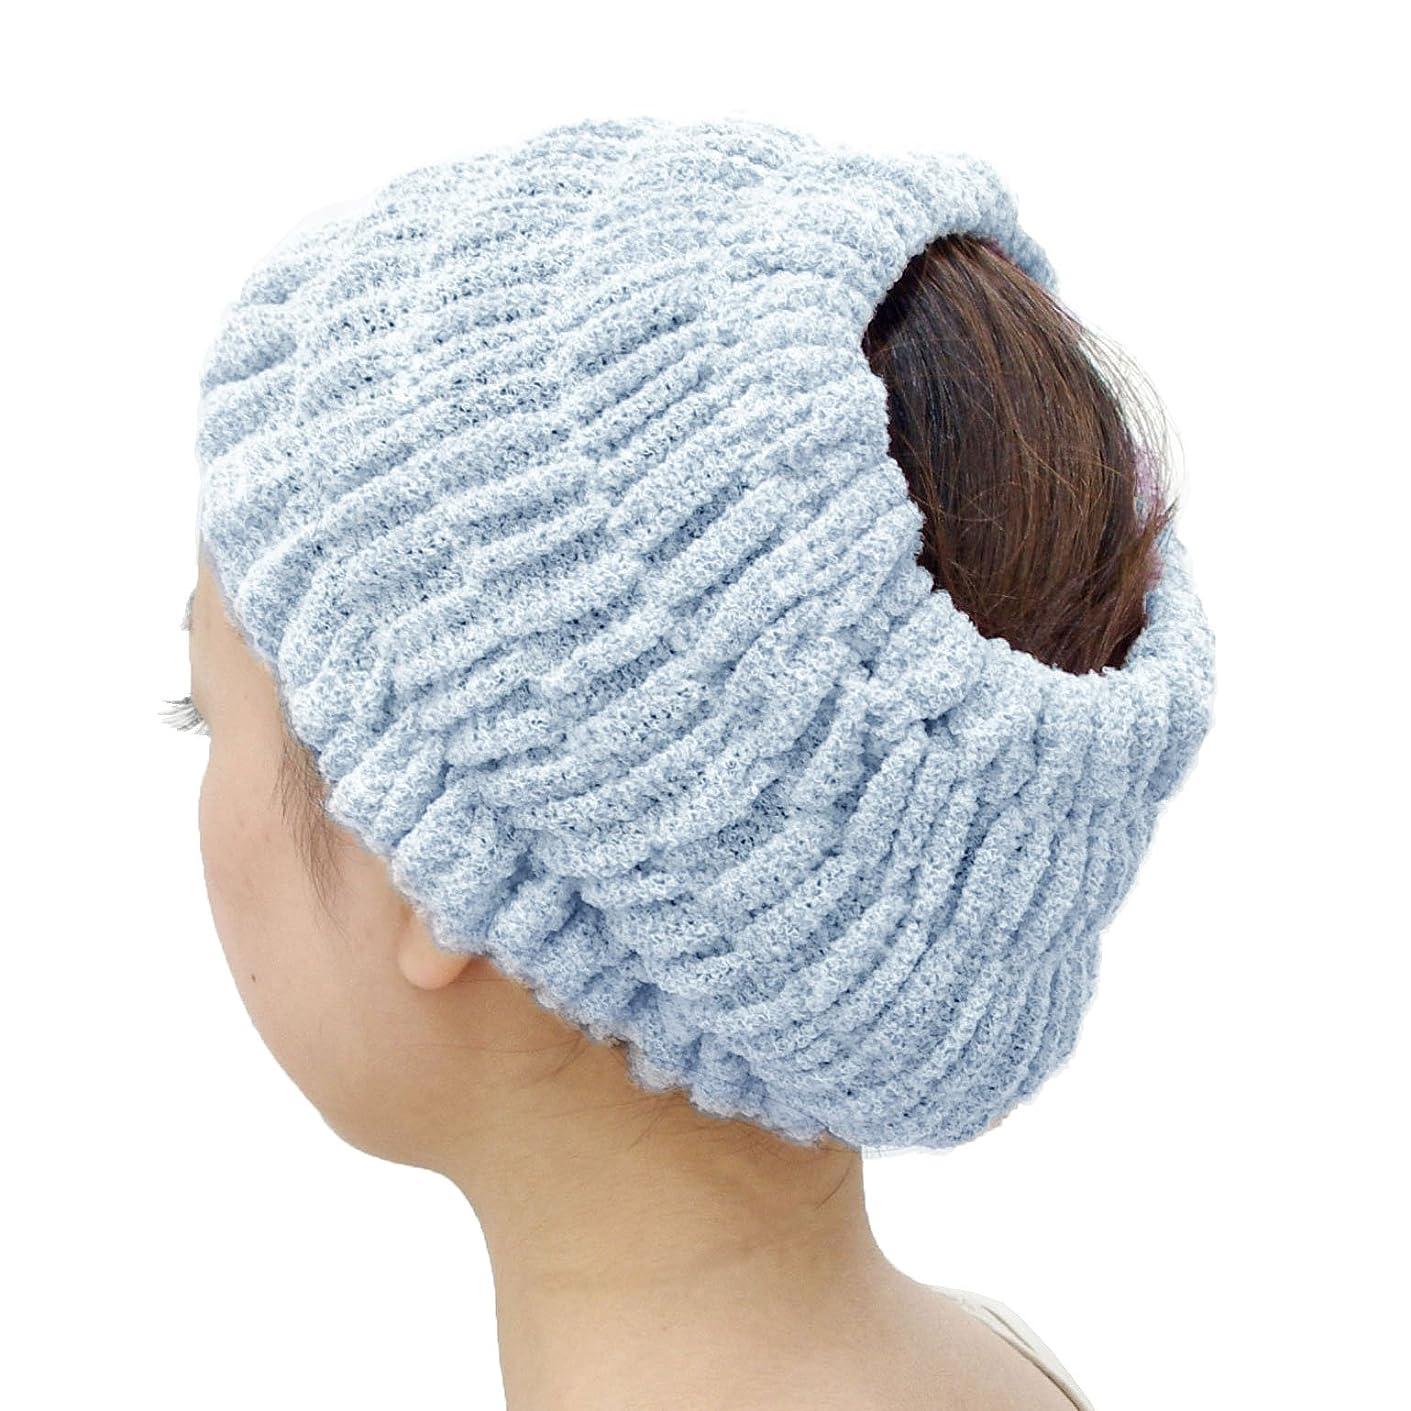 複雑なボランティア非常にオカ(OKA) プリスベイス エピ 乾きやすいバスヘアターバン ダークブルー フリーサイズ PLYS base epi(ターバン ヘアバンド 髪留め)